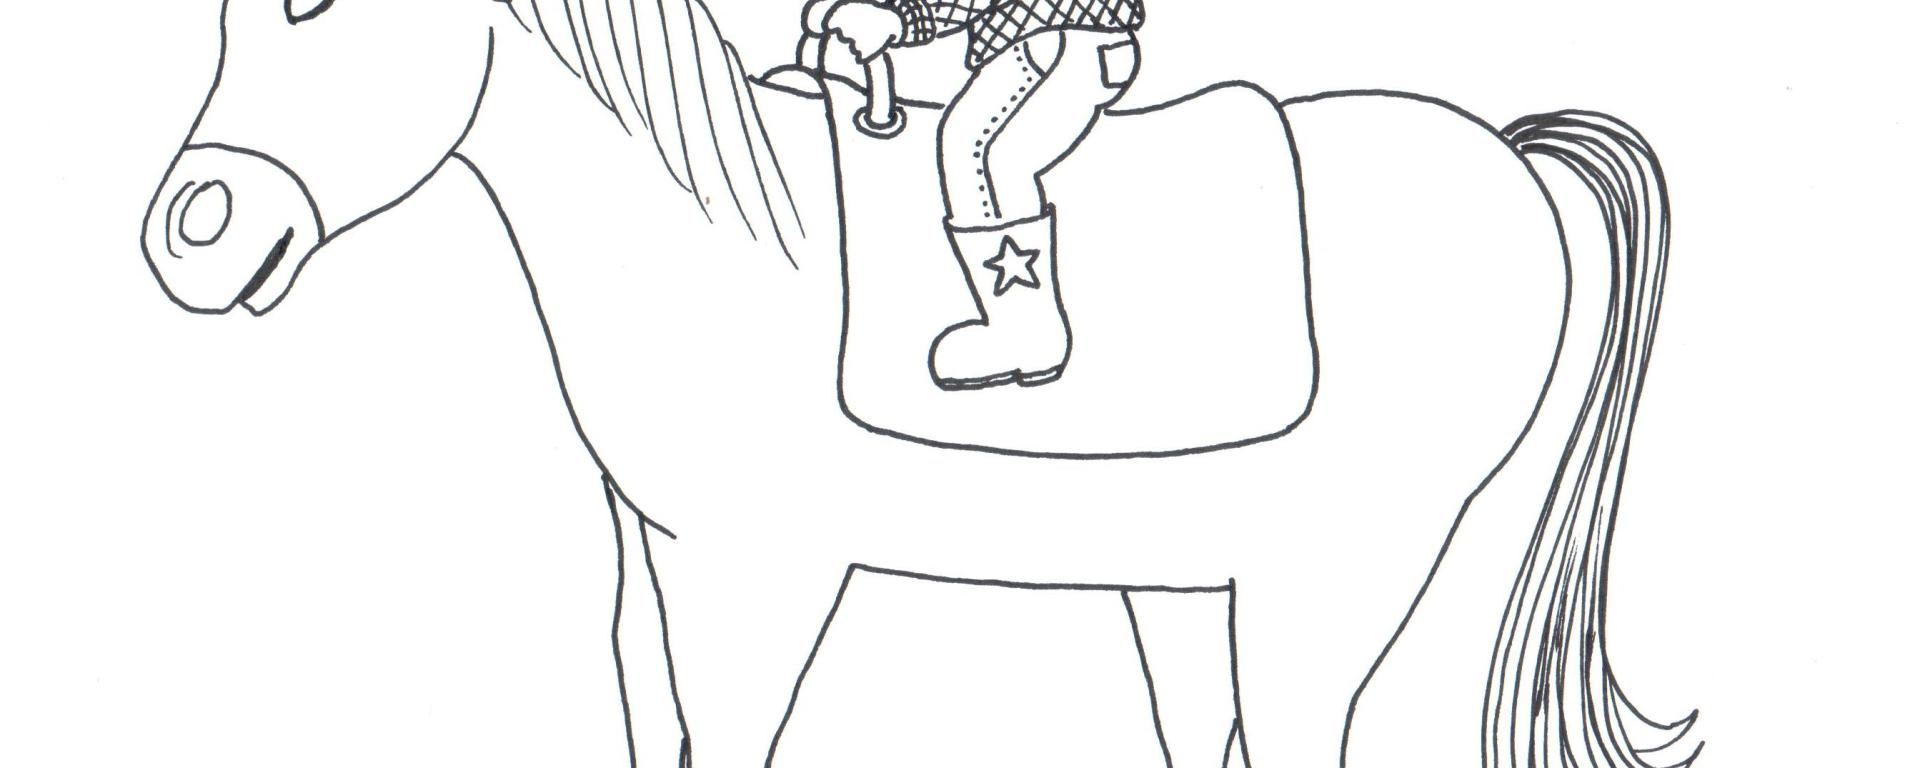 Desenho para colorir de um menino vestido capacete de equitação, bota, calça e camisa, montado um cavalo.